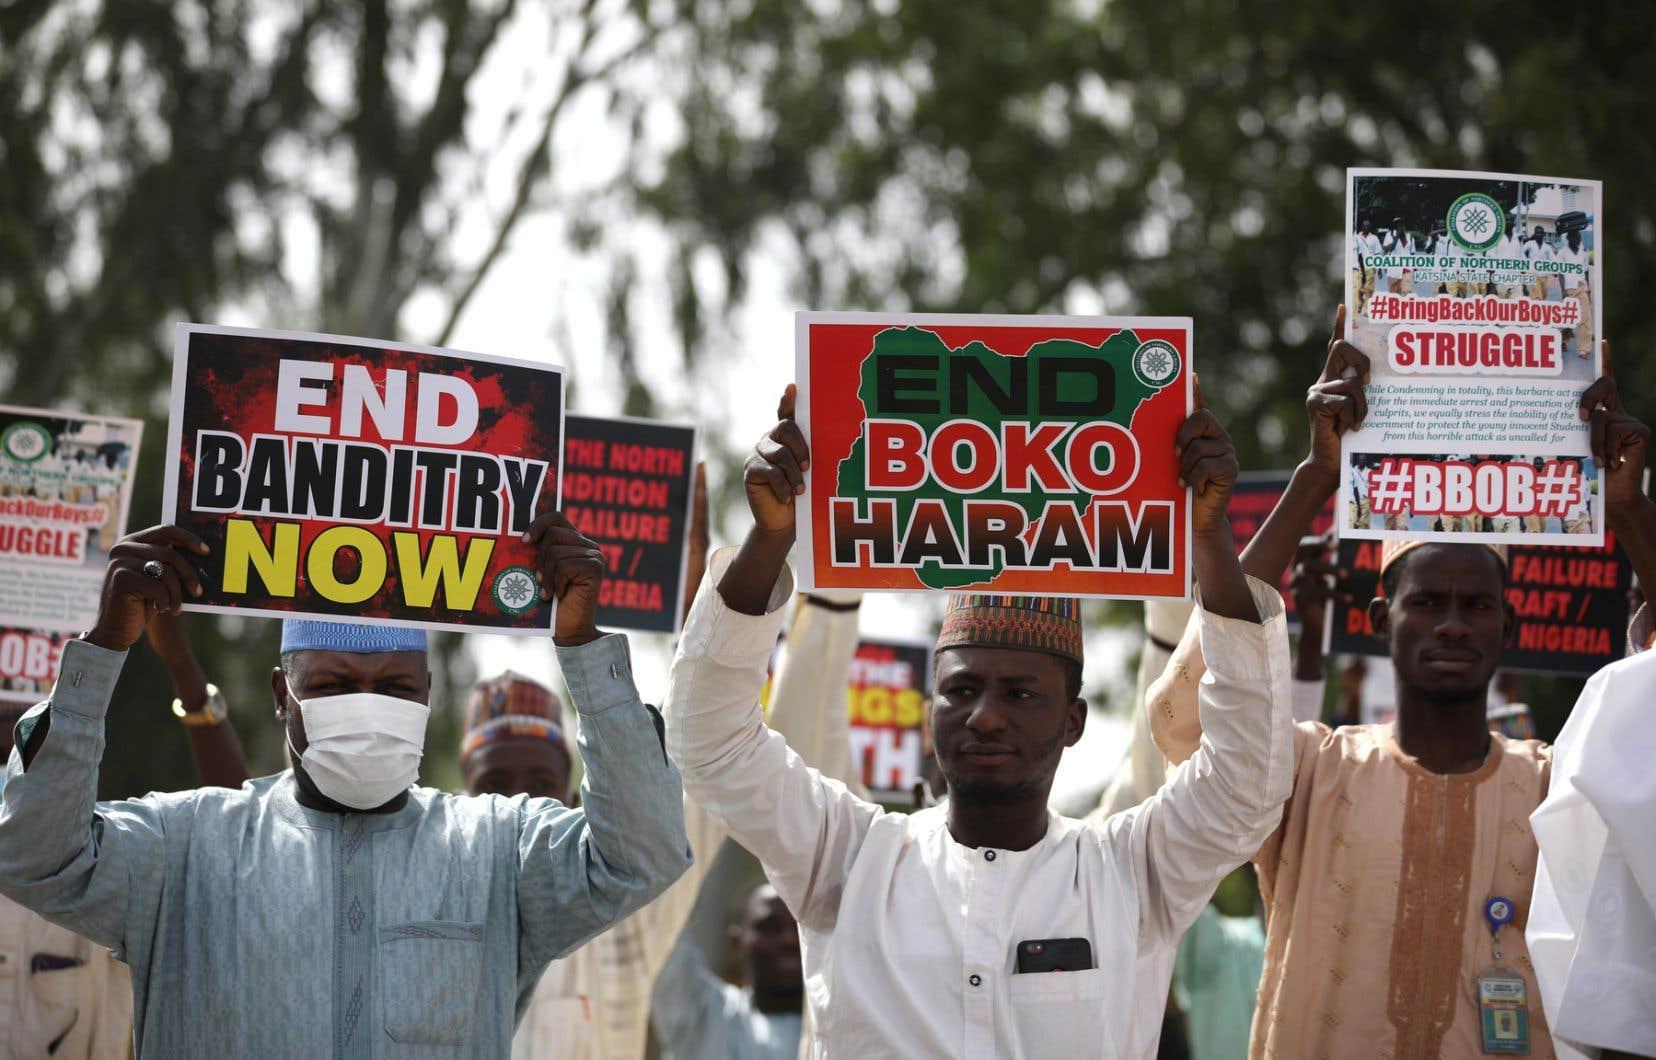 Boko Haram et sa branche dissidente, le groupe État islamique en Afrique de l'Ouest (Iswap), actifs dans le nord-est du Nigeria, ont fait plus de 36000 morts en dix ans de conflit et deux millions de personnes ne peuvent toujours pas regagner leur foyer.